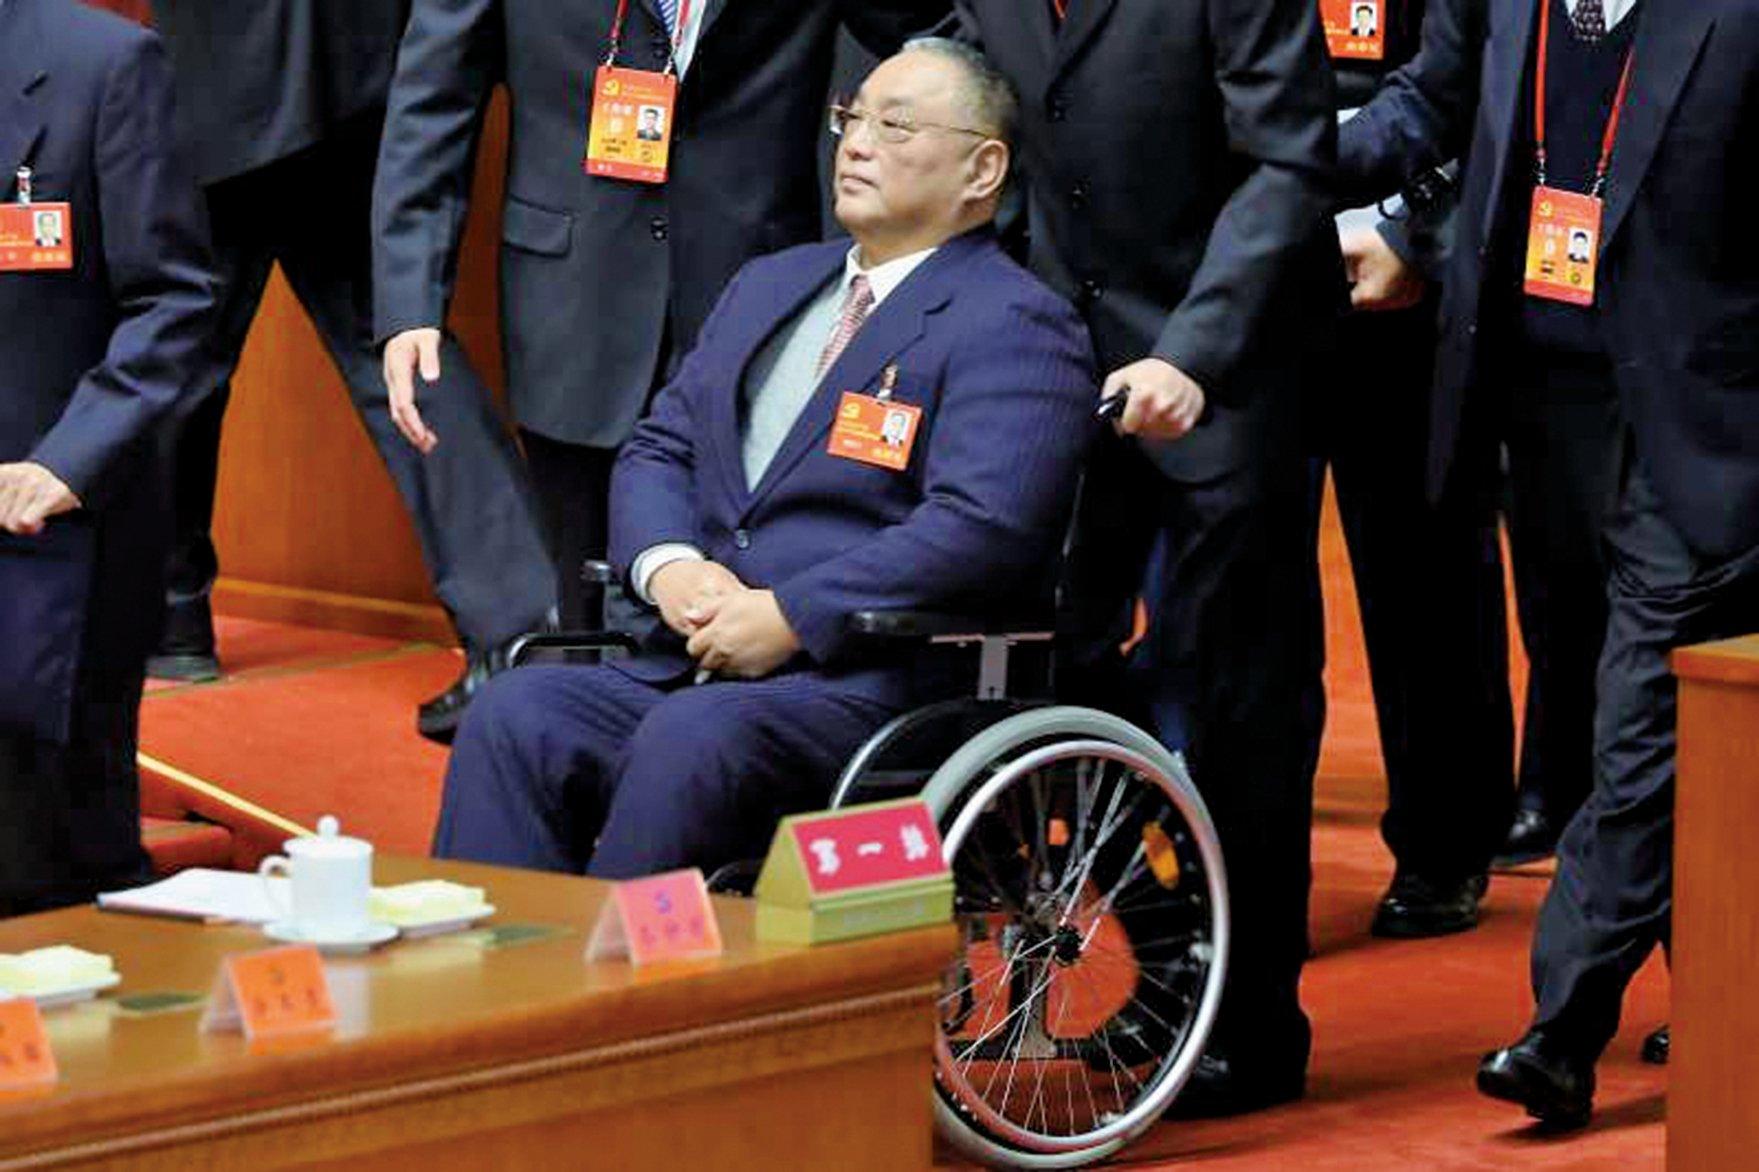 鄧小平的長子鄧樸方在文革中跳樓自殺導致終身癱瘓。(Getty Images)